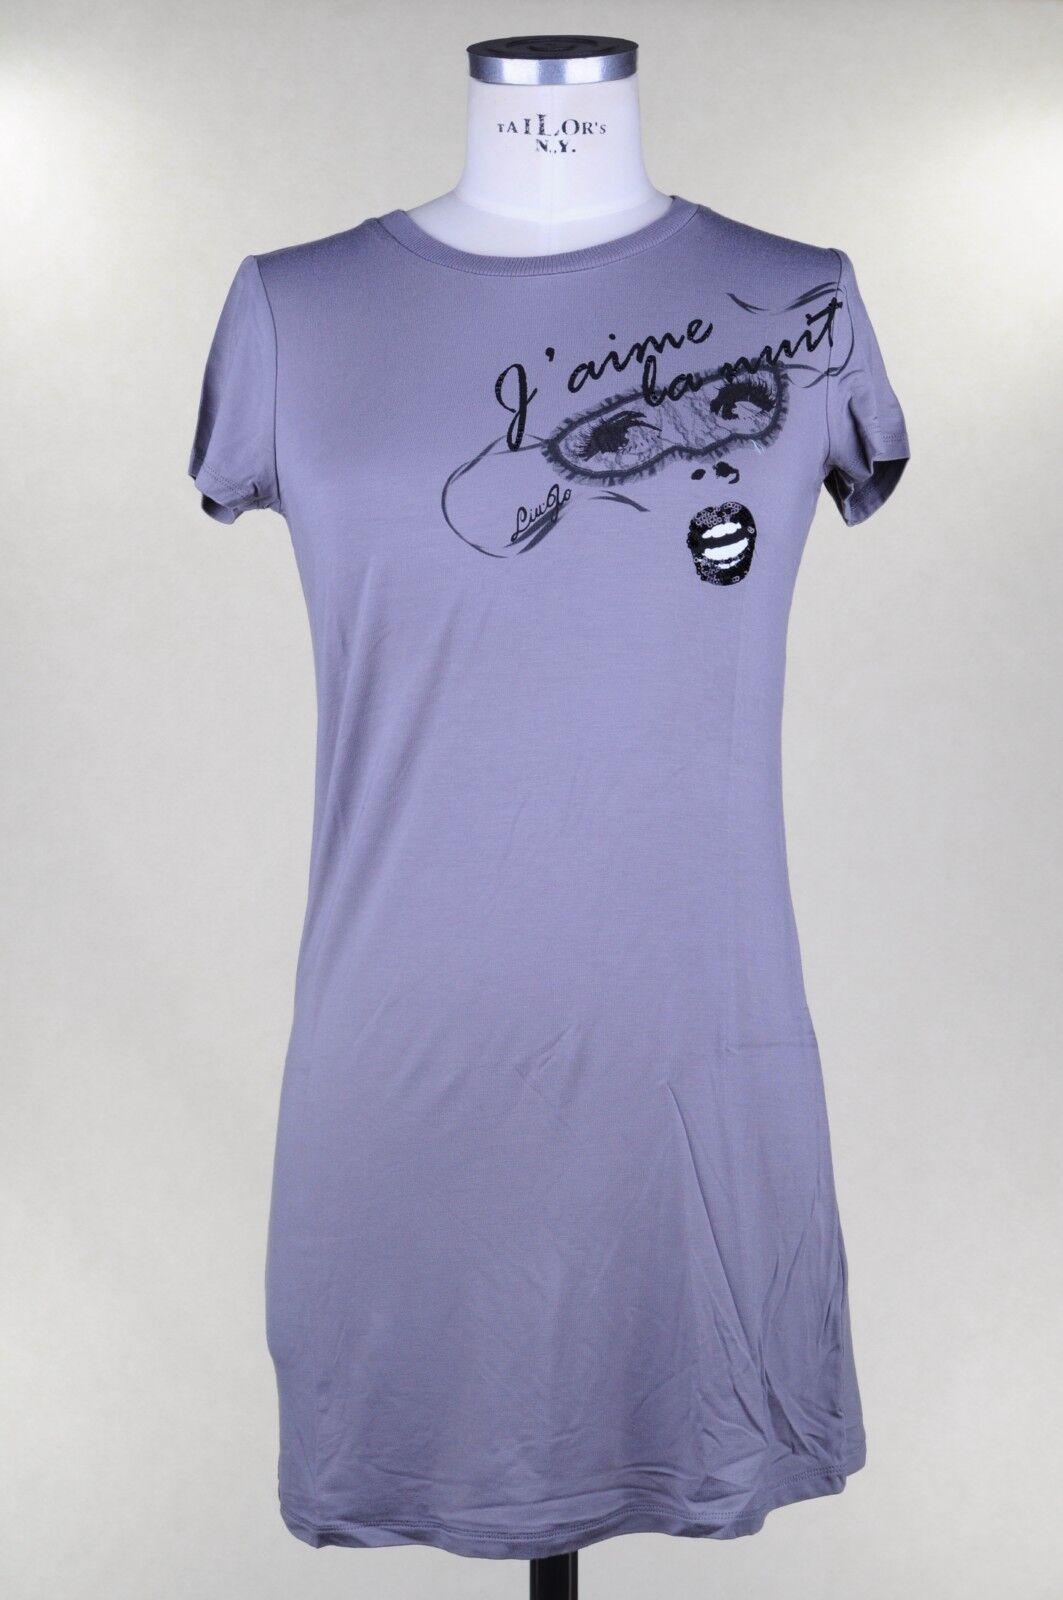 Liu-Jo - Topwear-T-shirts - woman - 675017C181018